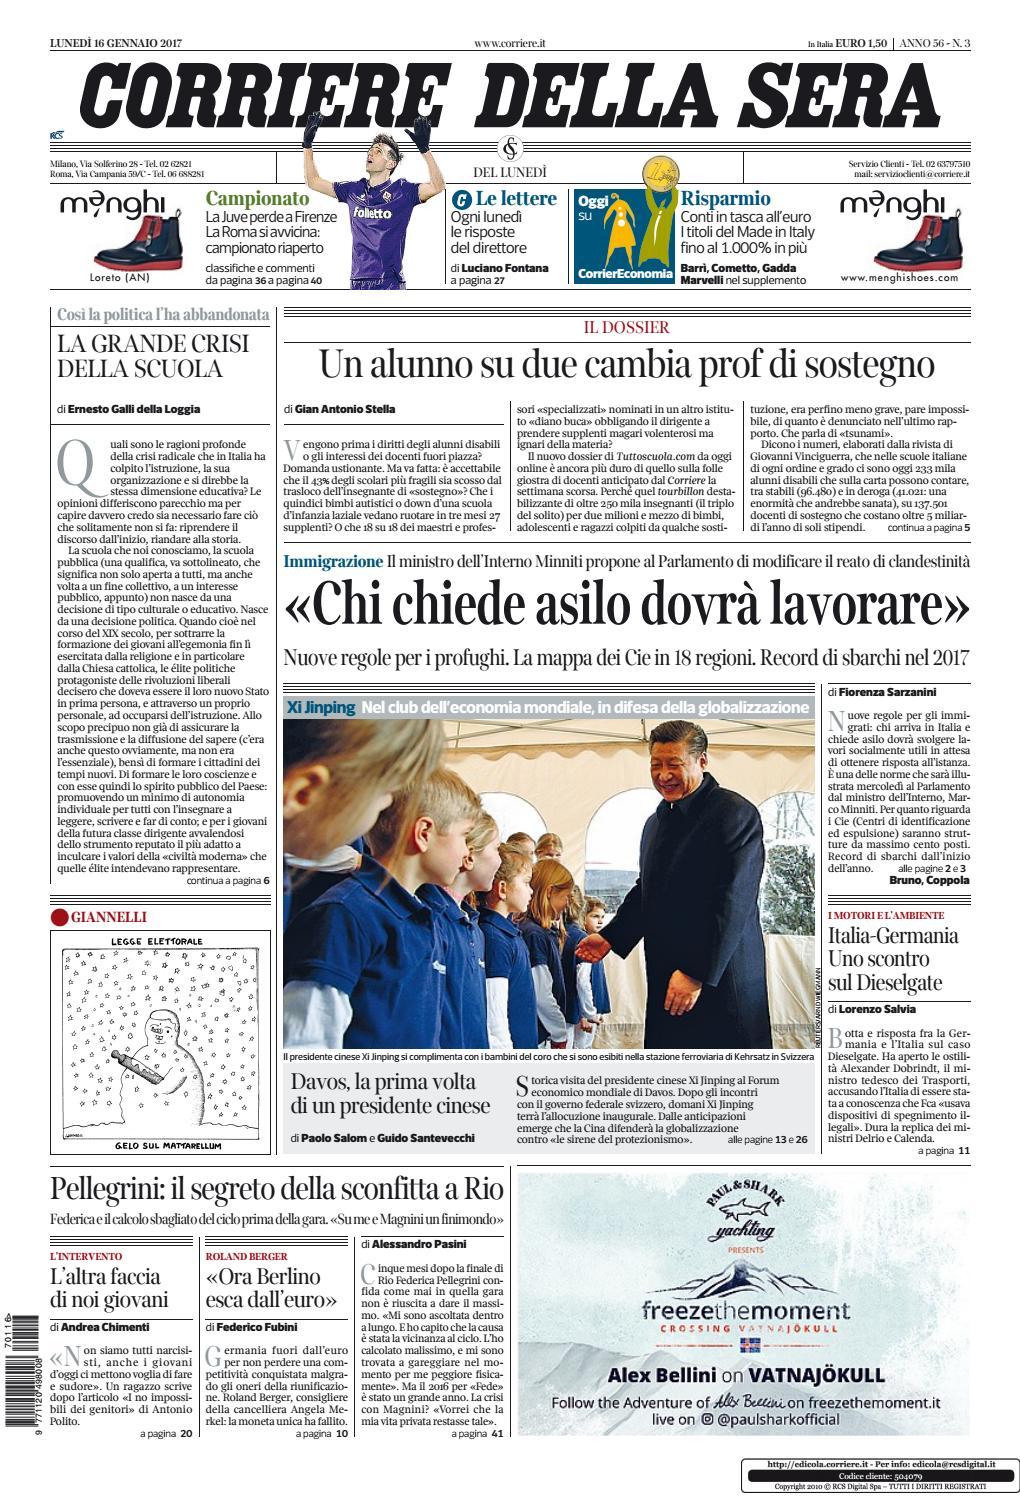 Corriere della sera 20170116 by kantar media issuu for Corriere della sera arredamento